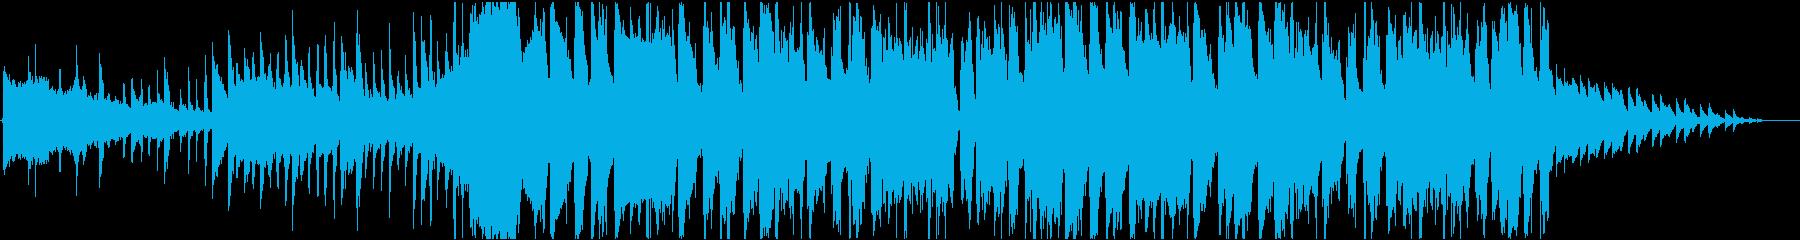 比較的忙しいドラム、温かいエレクト...の再生済みの波形